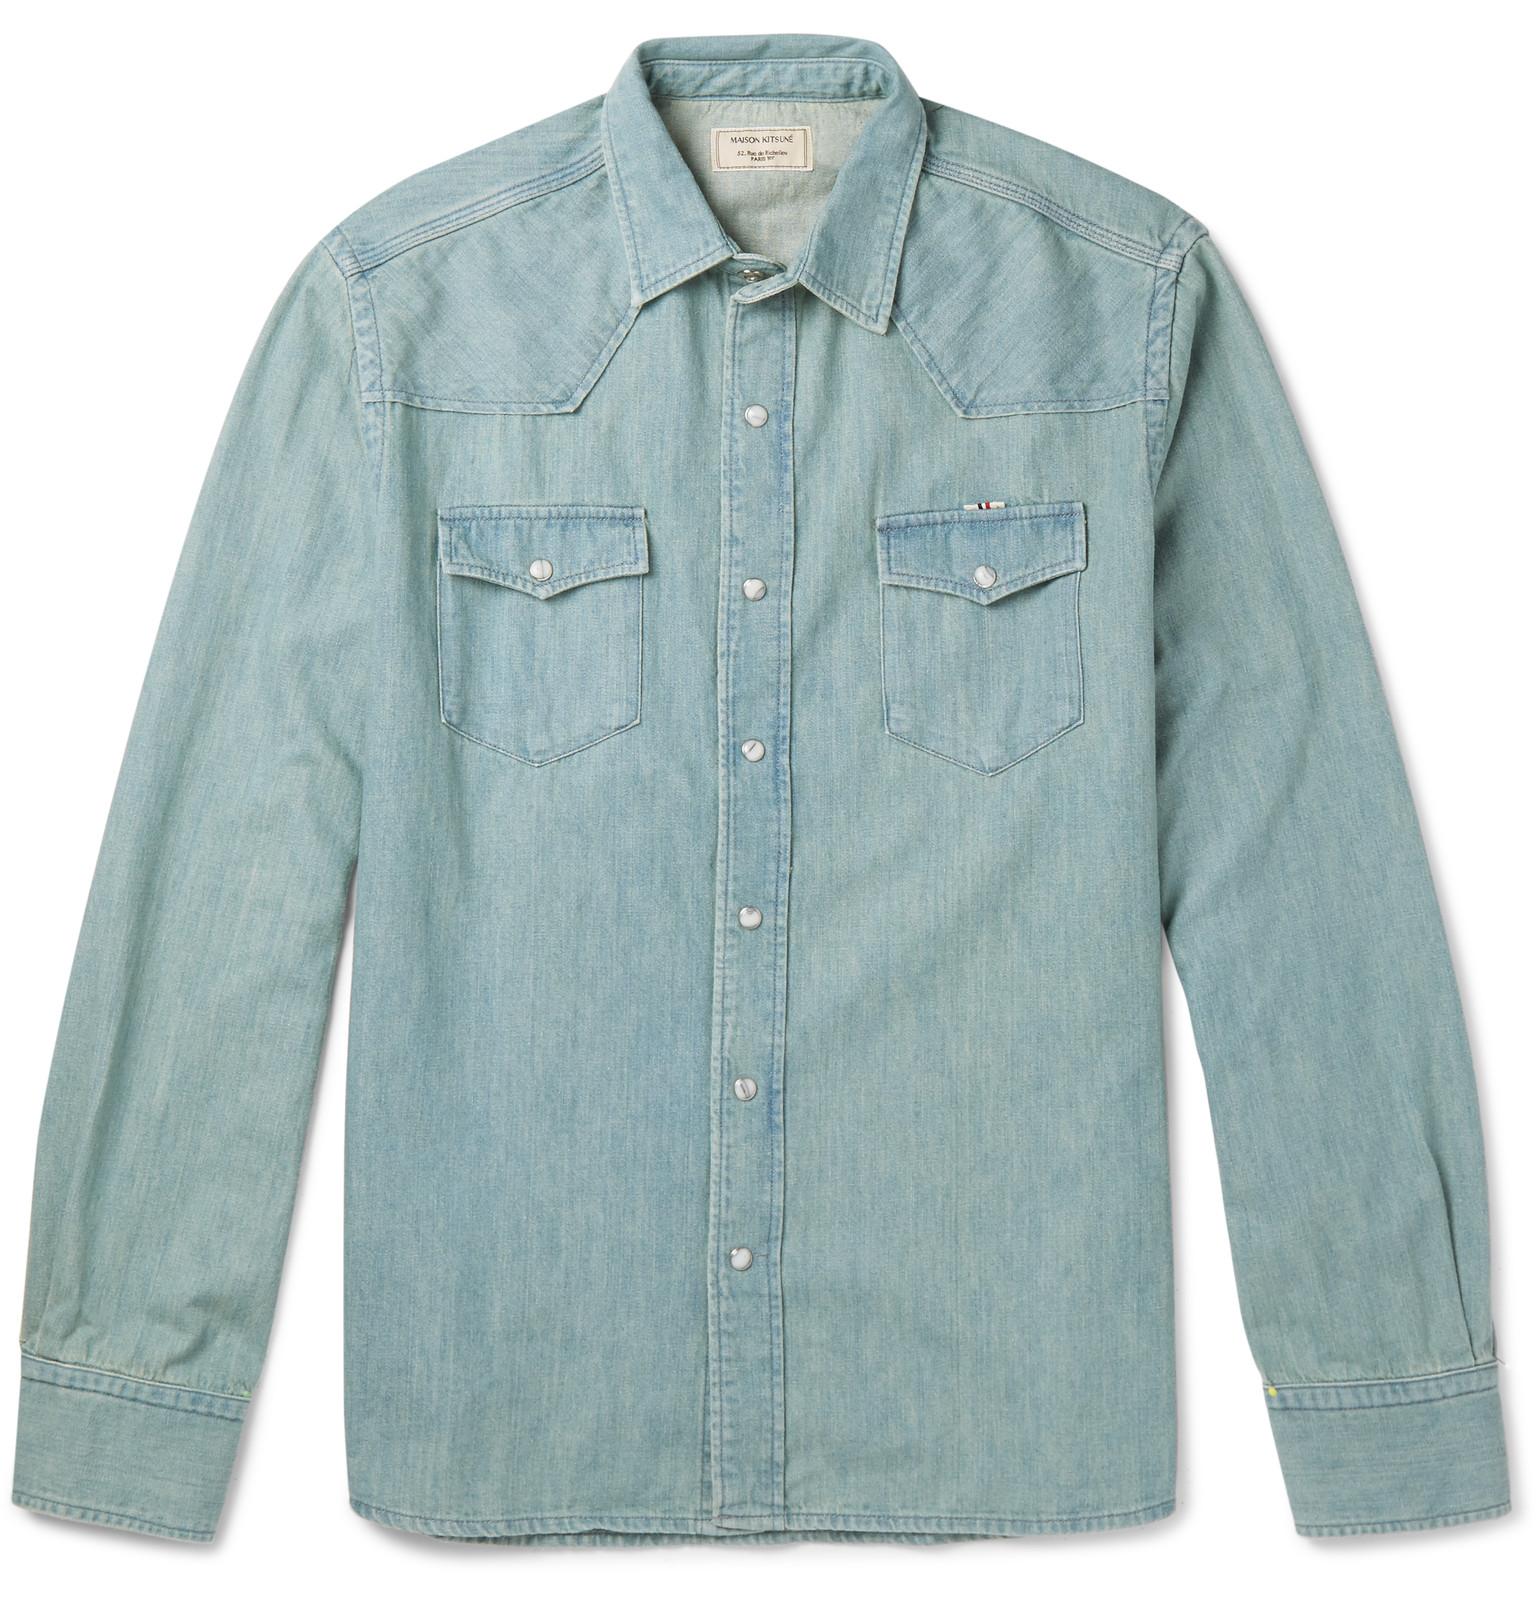 Polo shirt design editor - Maison Kitsun Slim Fit Denim Shirt